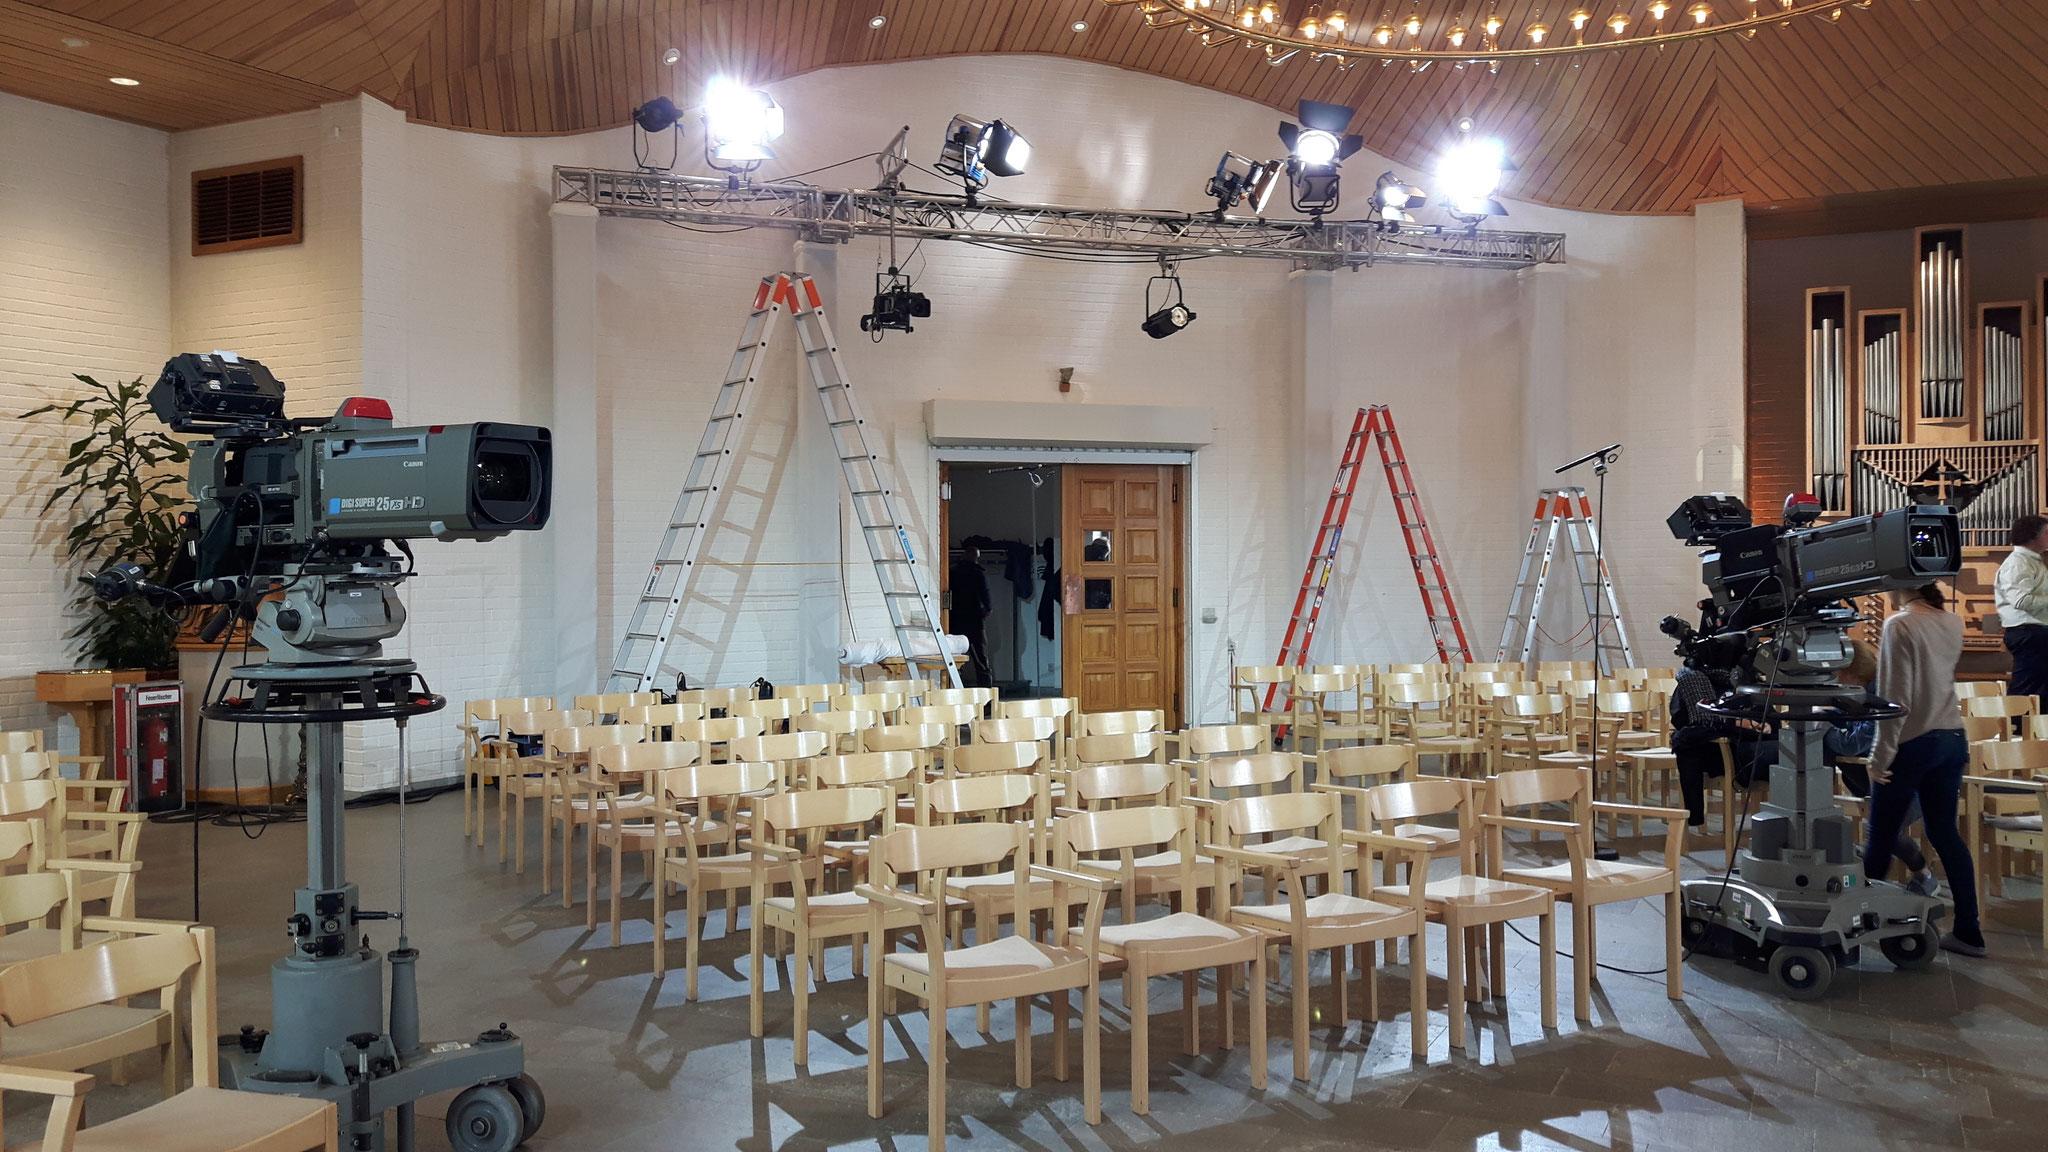 Mit Kameras und Lampen ausgestattet ist die Kirche bereit für den Fernsehgottesdienst